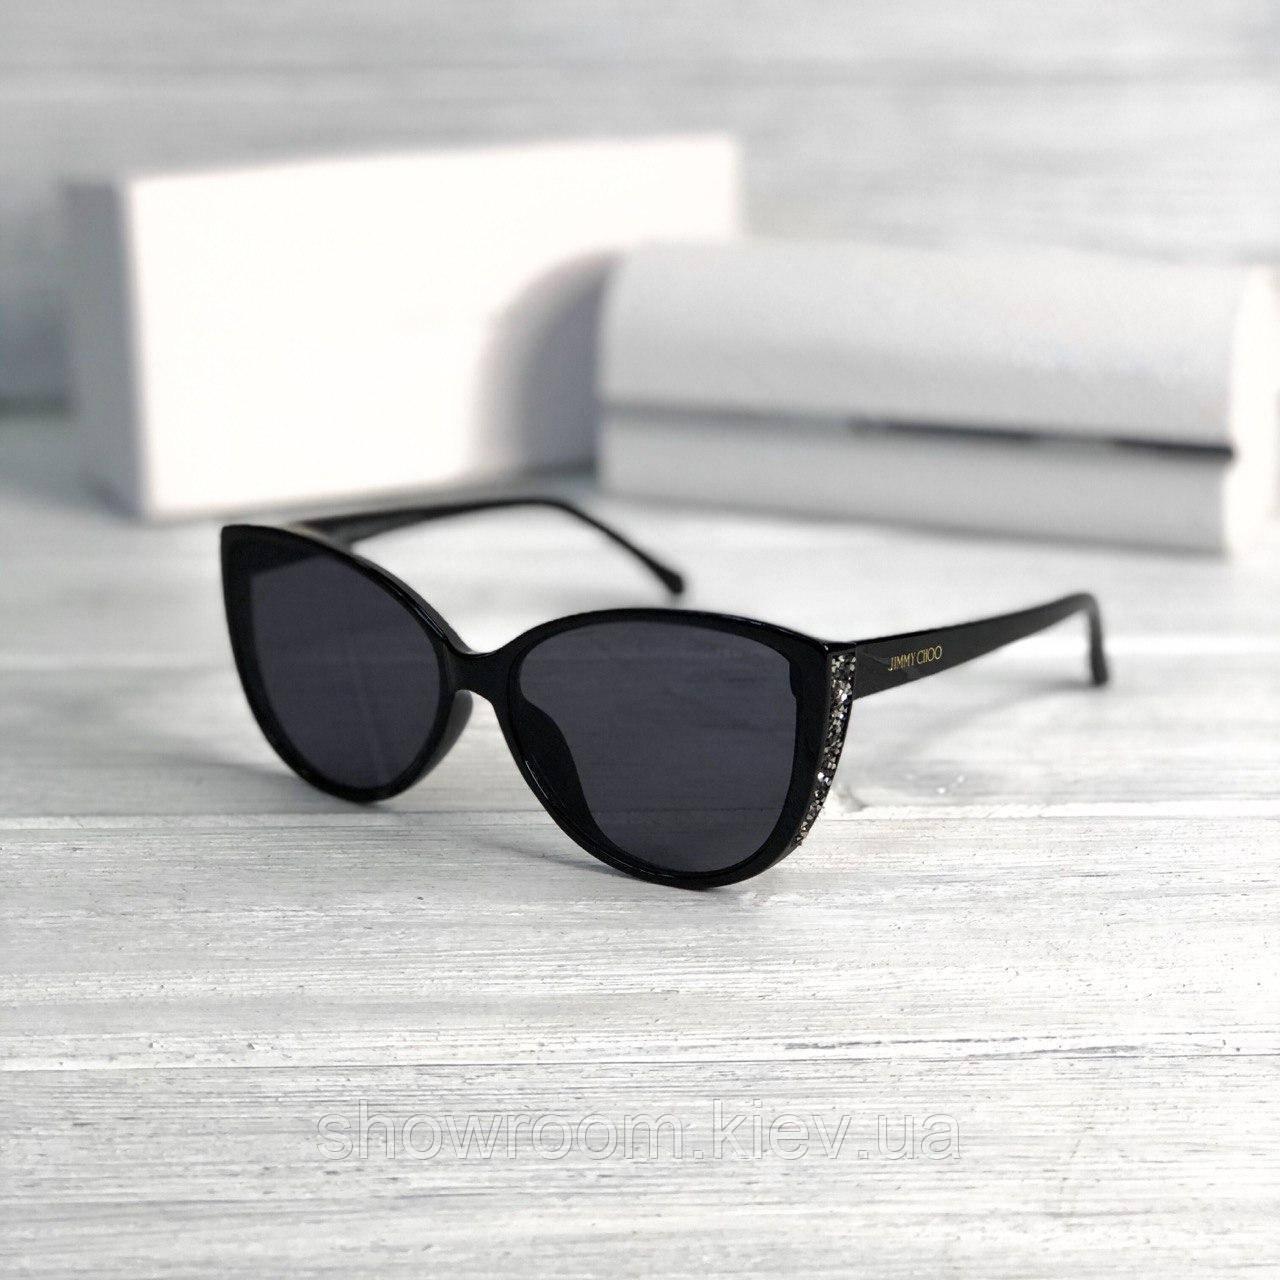 Женские брендовые солнечные очки (2619) black